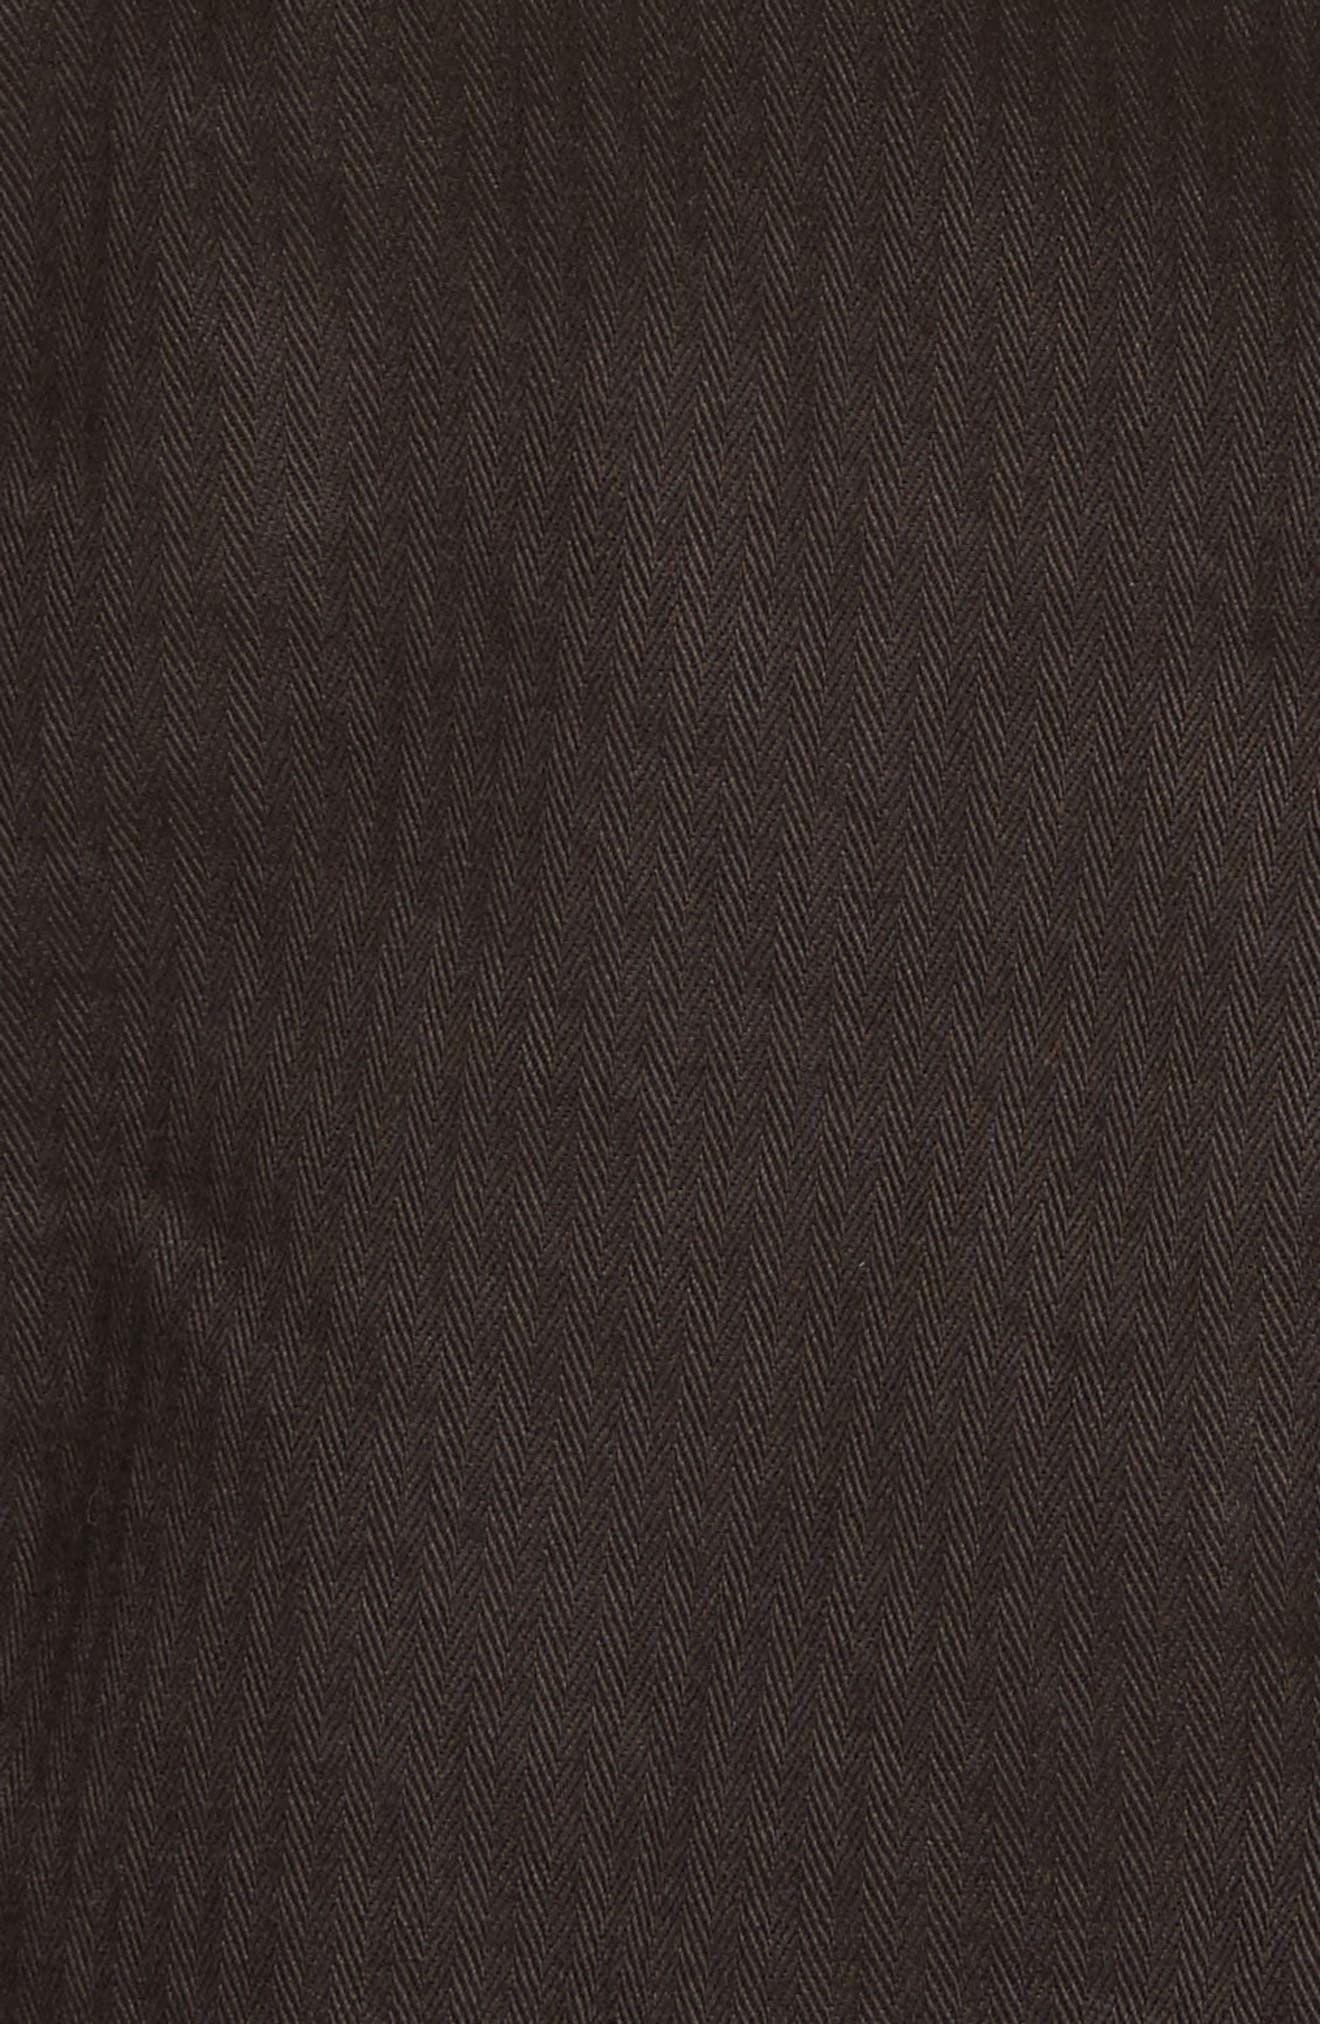 Alternate Image 5  - Yohji Yamamoto Chore Jacket